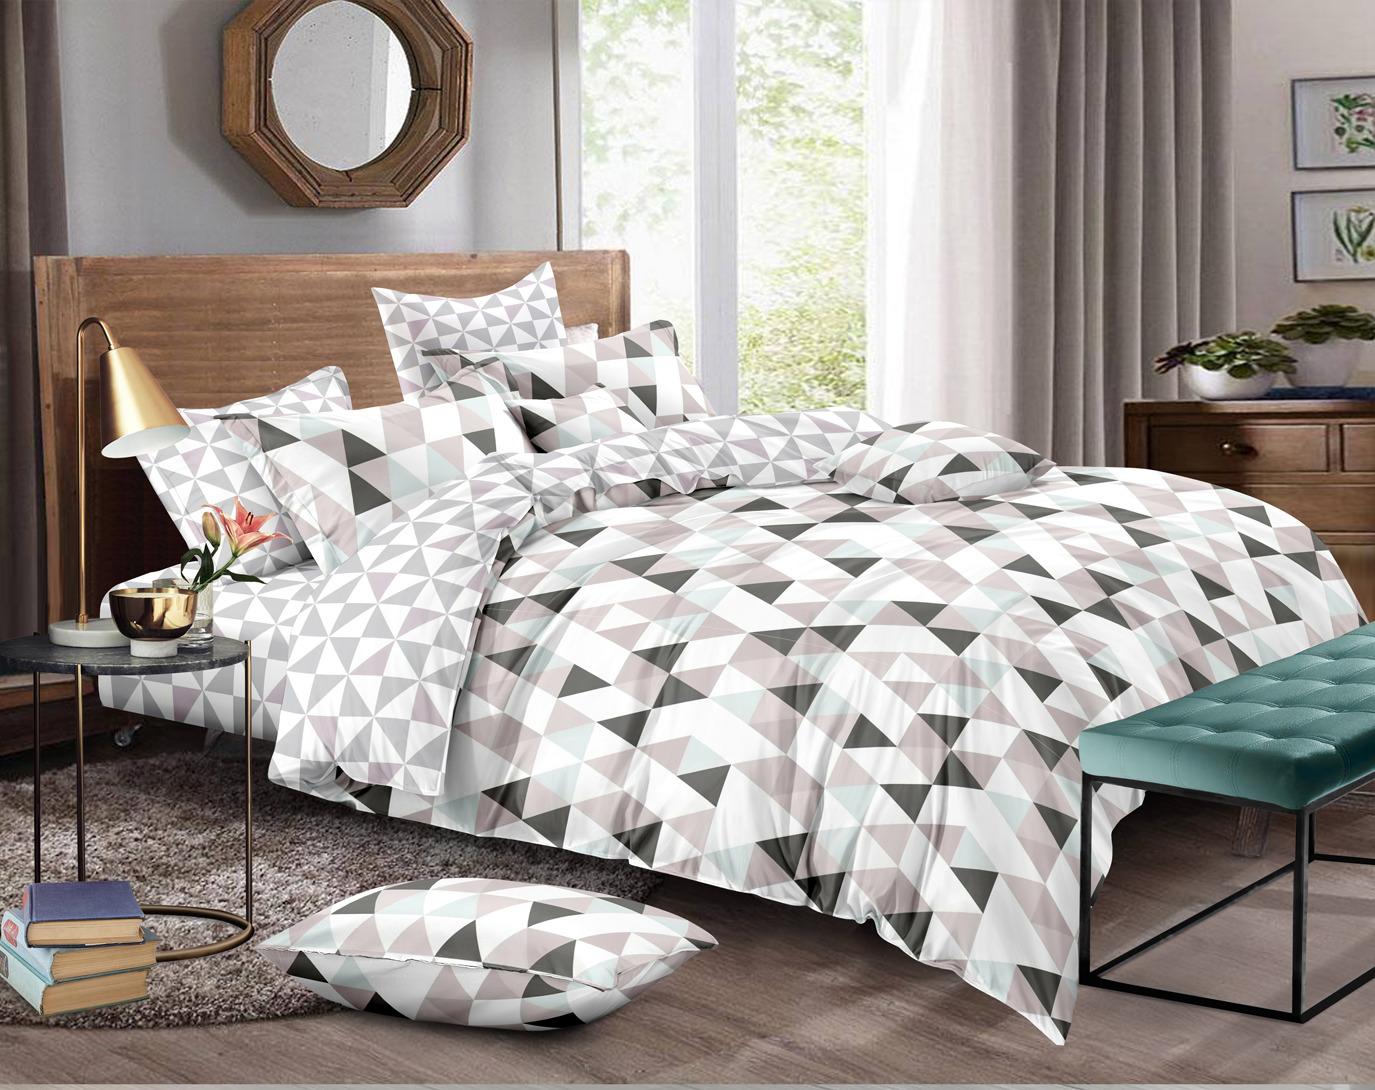 цена Комплект постельного белья Amore Mio Gold Miles, 7830, серый, 1,5-спальный, наволочки 70x70 онлайн в 2017 году